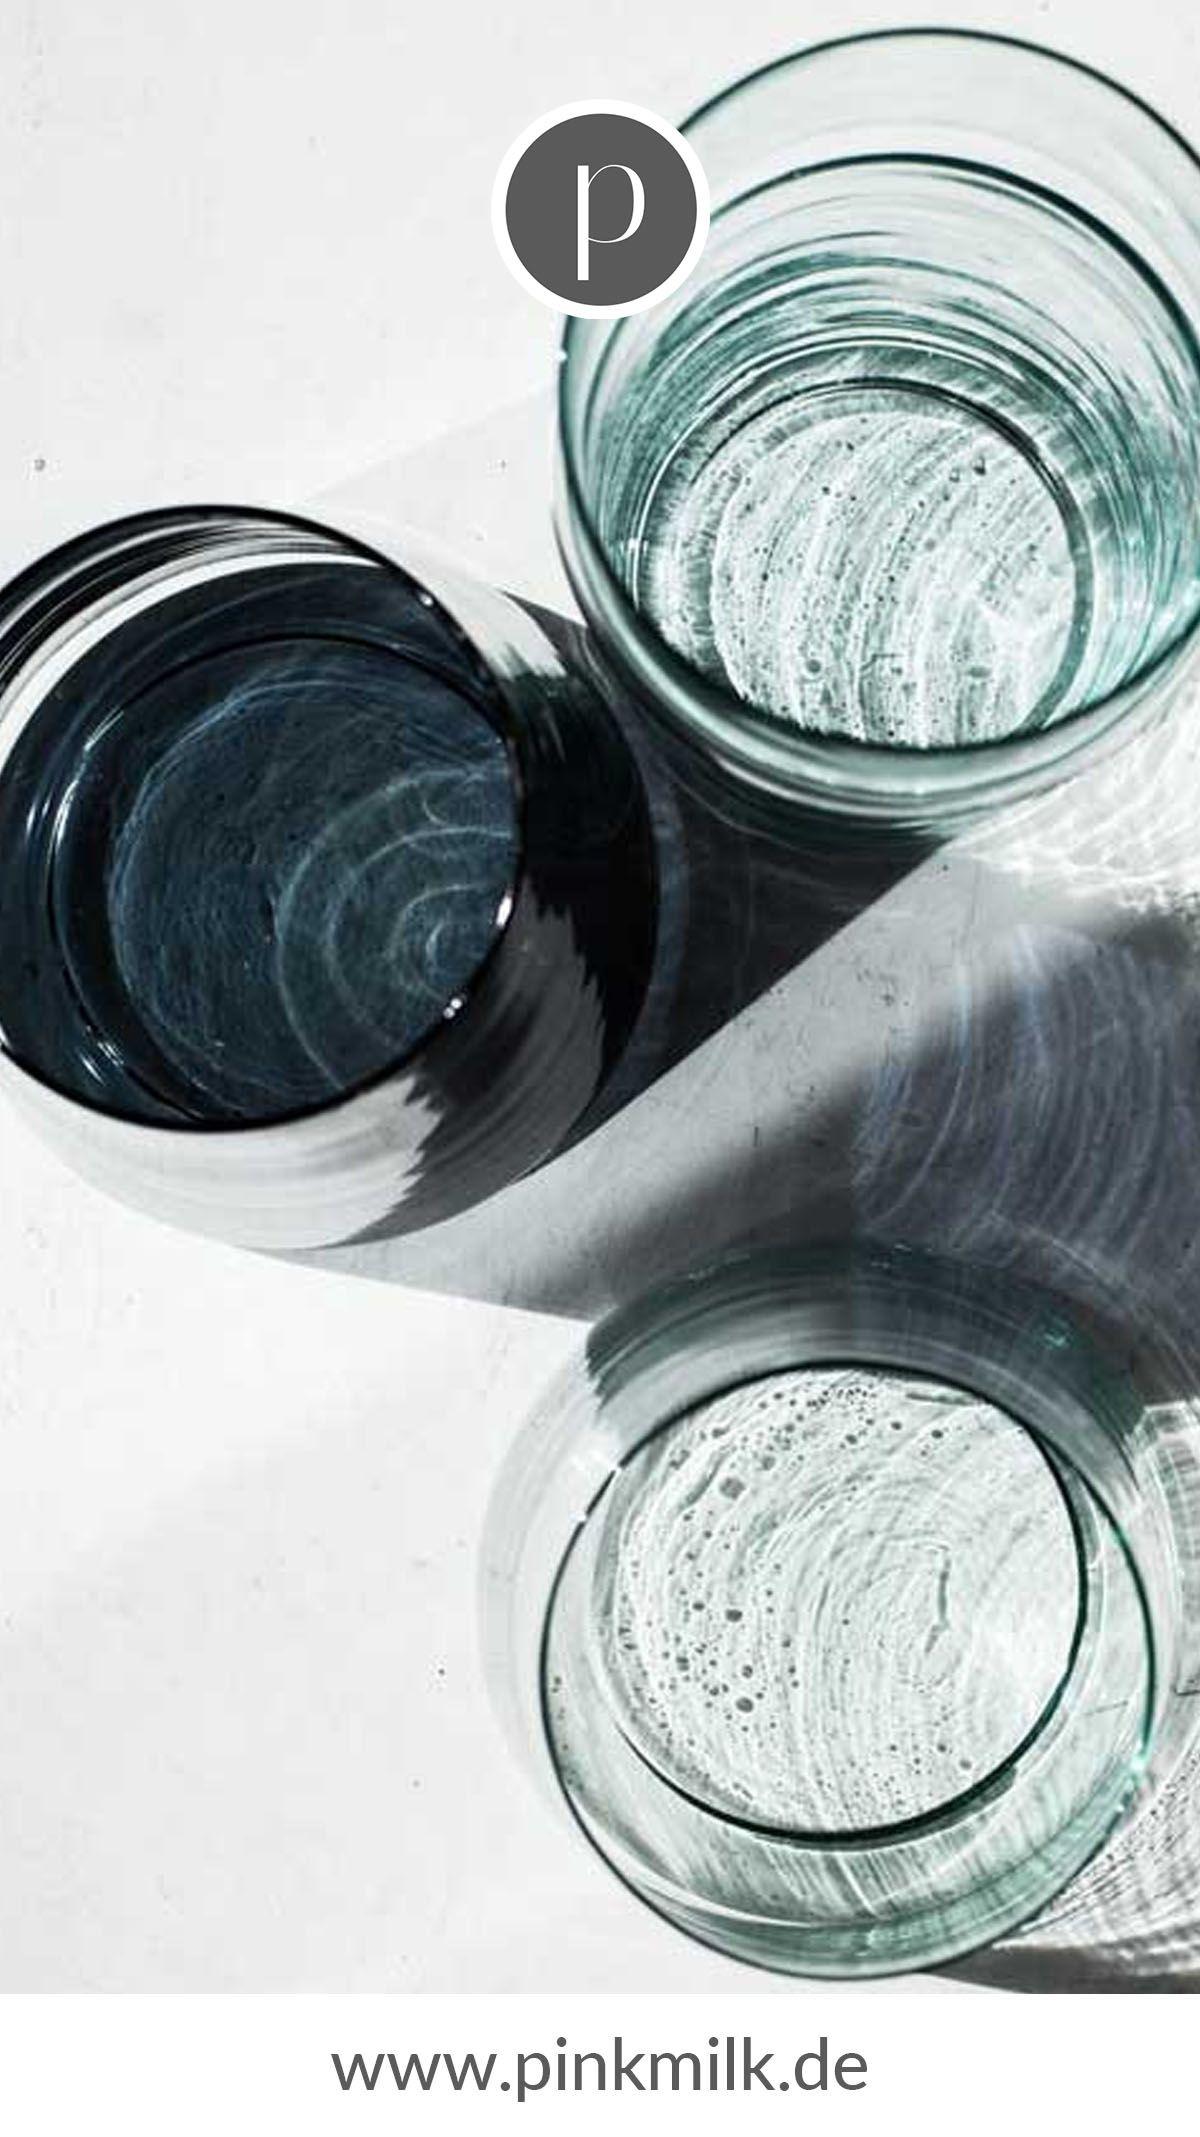 Trinkglas Marocco, Ø6,5 cm Wie schön ein Getränk in schlichten Gläsern zur Geltung kommt, zeigen die handgemachten Trinkgläser von Urban Nature Culture! Wir lieben sie!